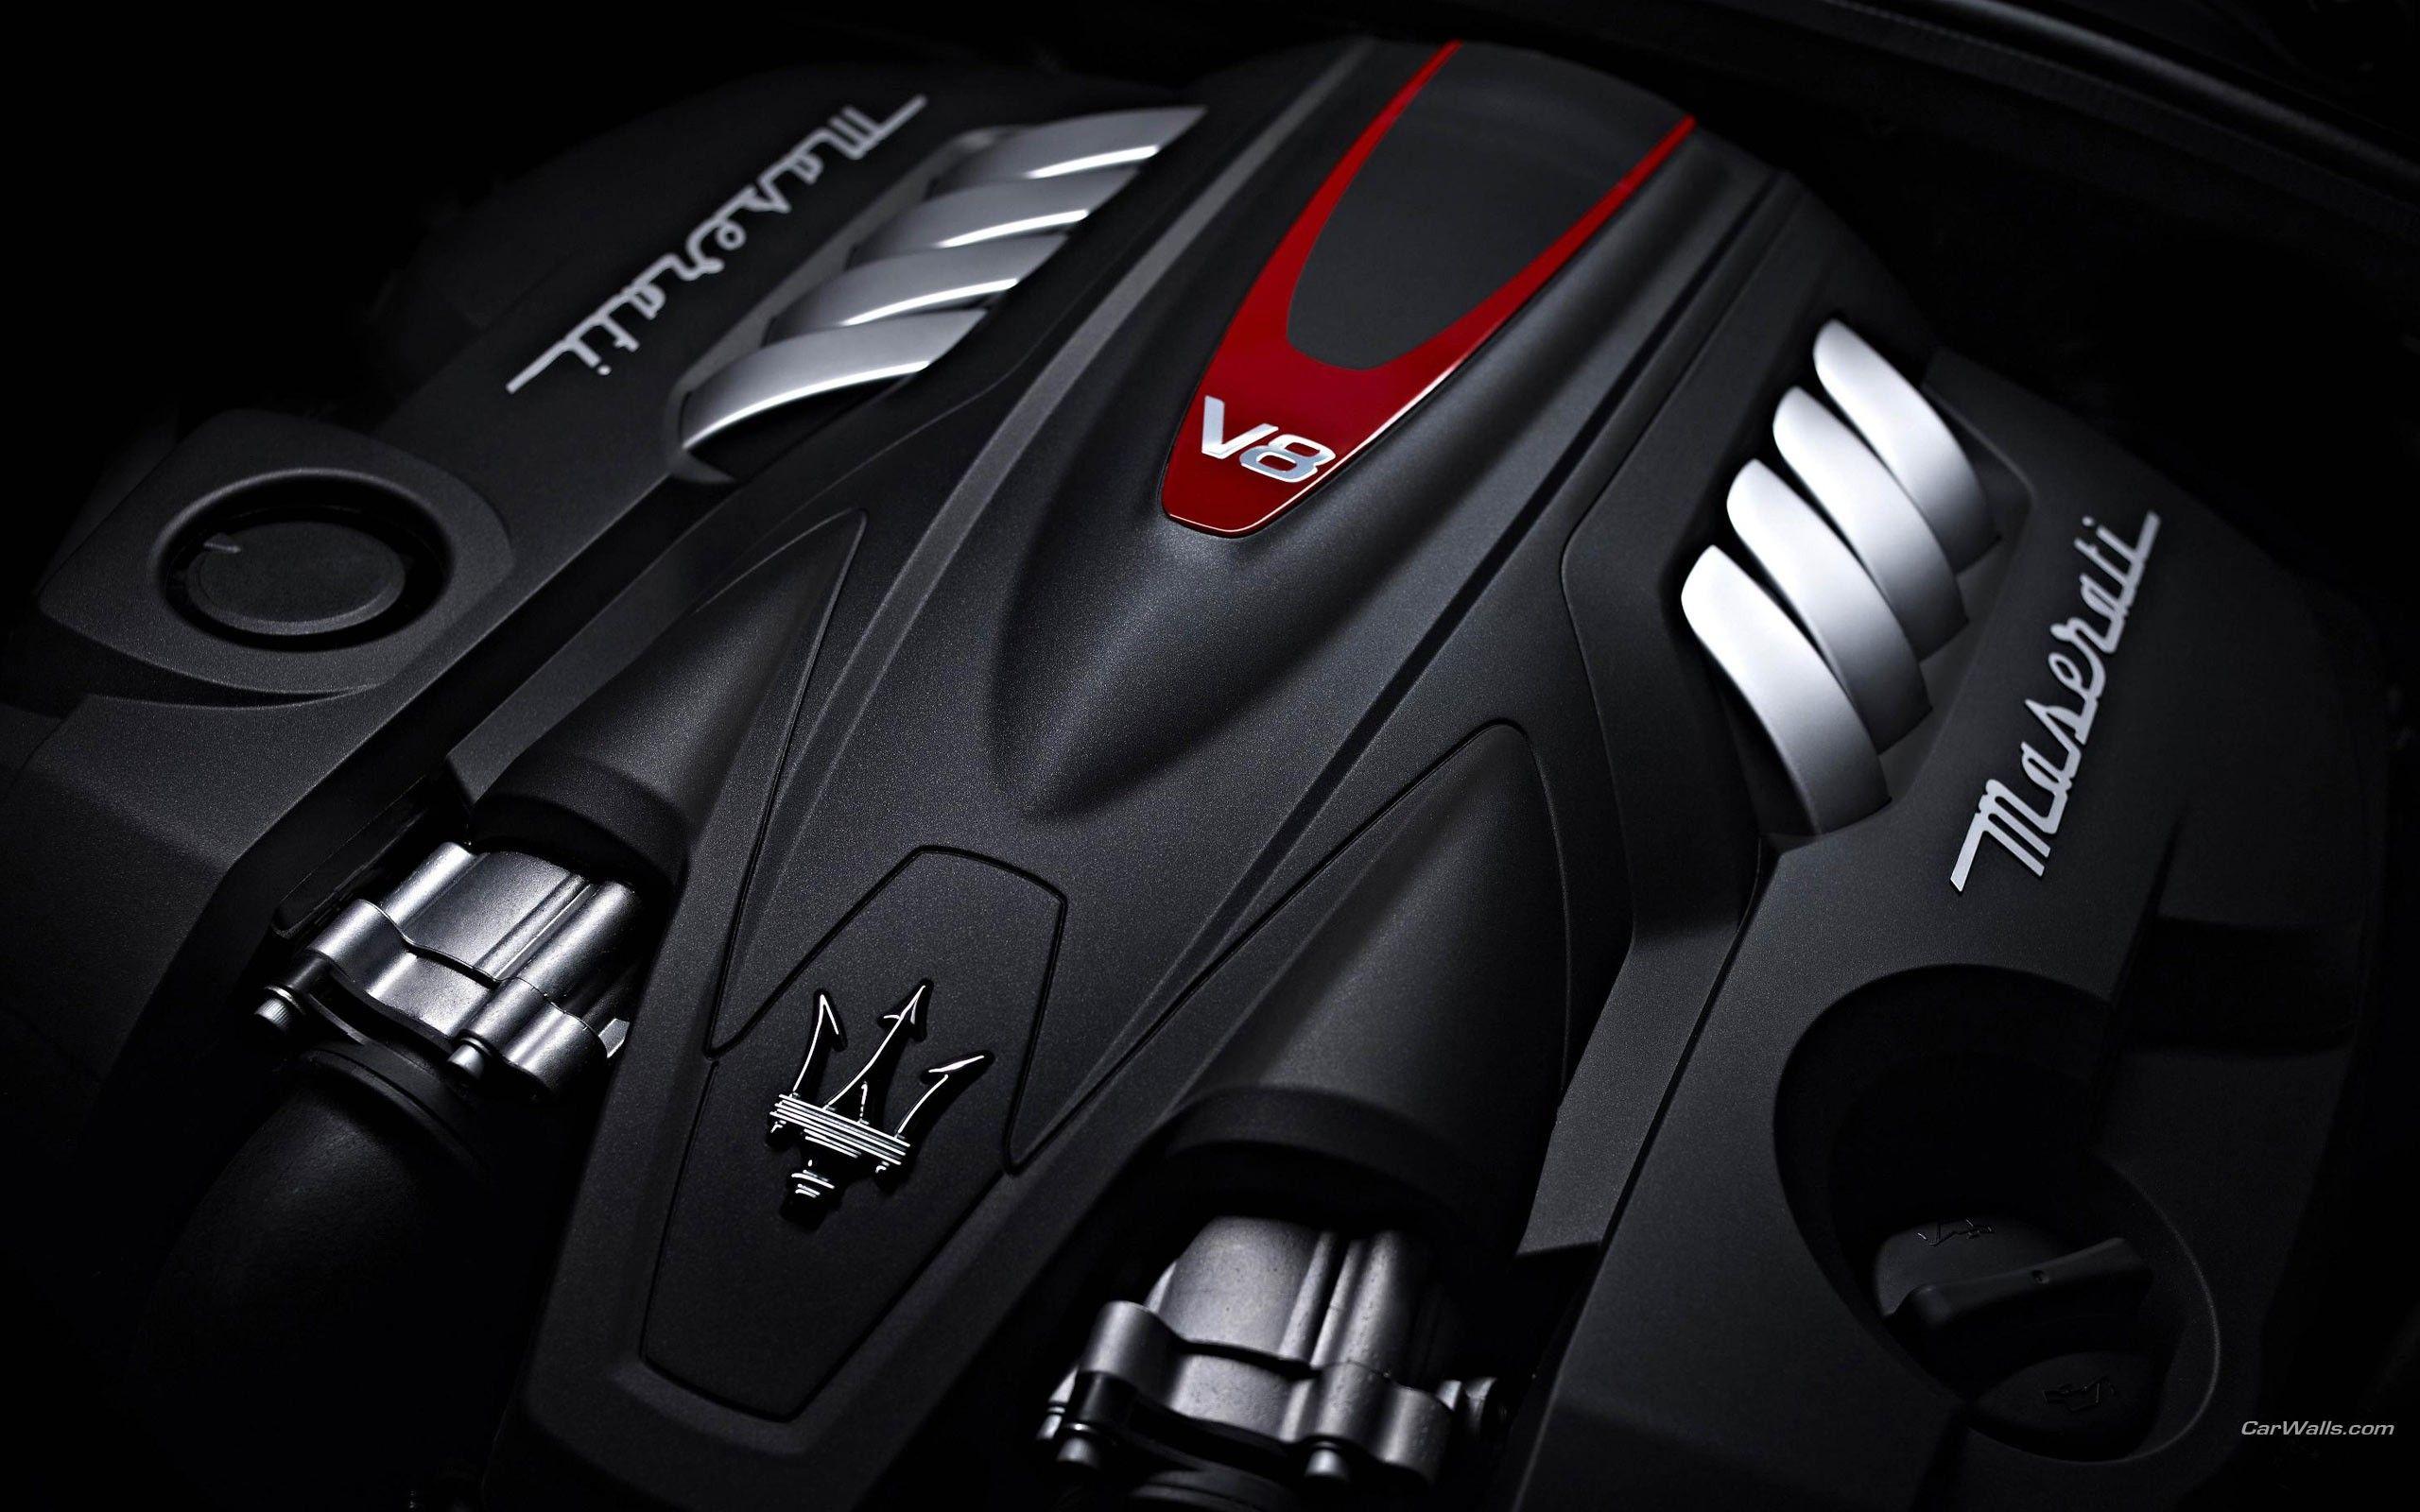 24 Sports Car Wallpapers For Your Desktop In High Quality Hd Maserati Quattroporte Maserati Quattroporte Gts Maserati